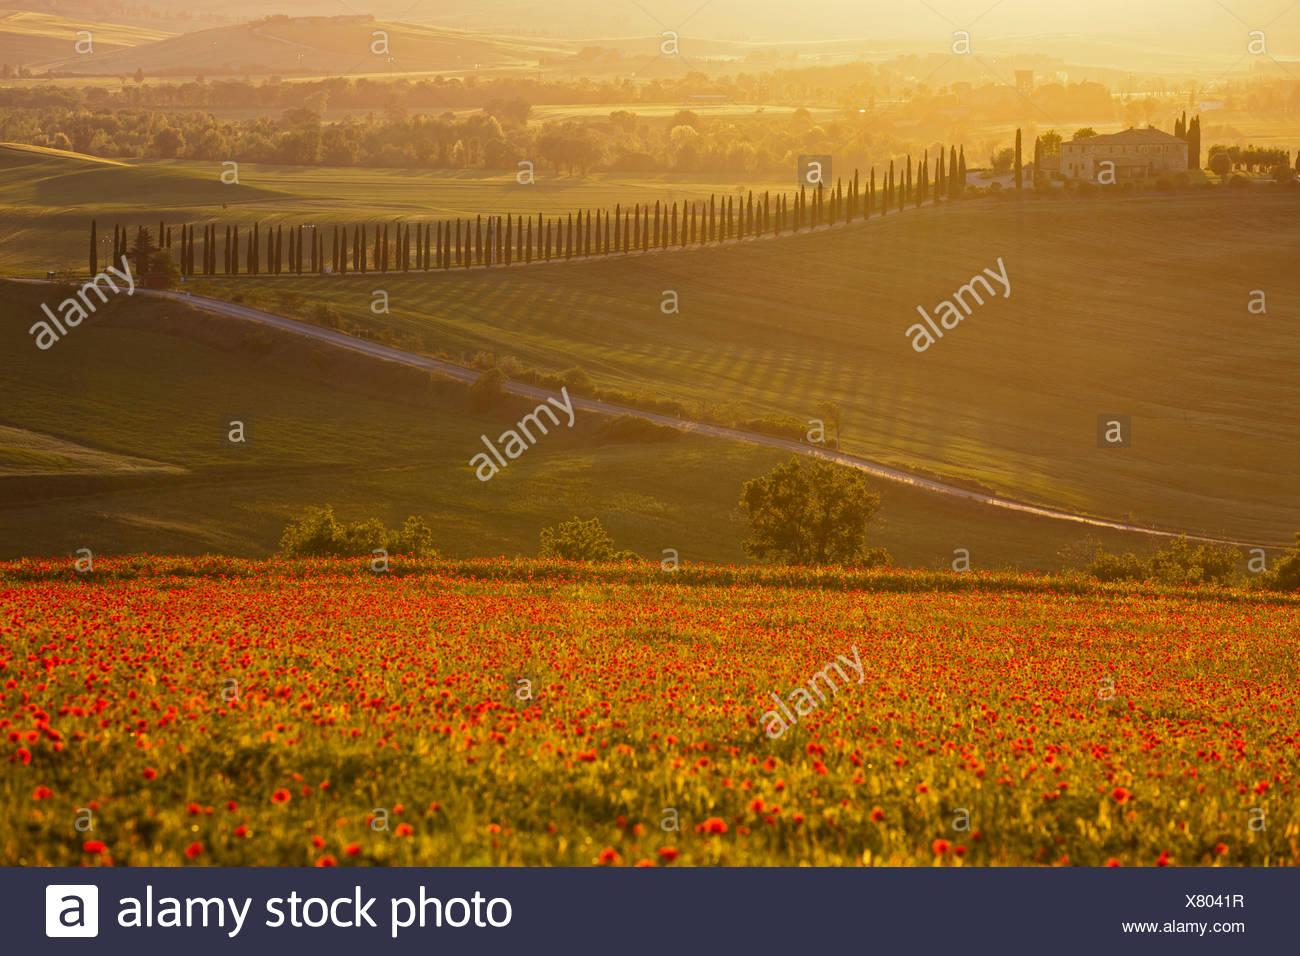 Italia, Toscana, Creta, vista de la amapola en el campo delante de la granja de cipreses al amanecer. Imagen De Stock